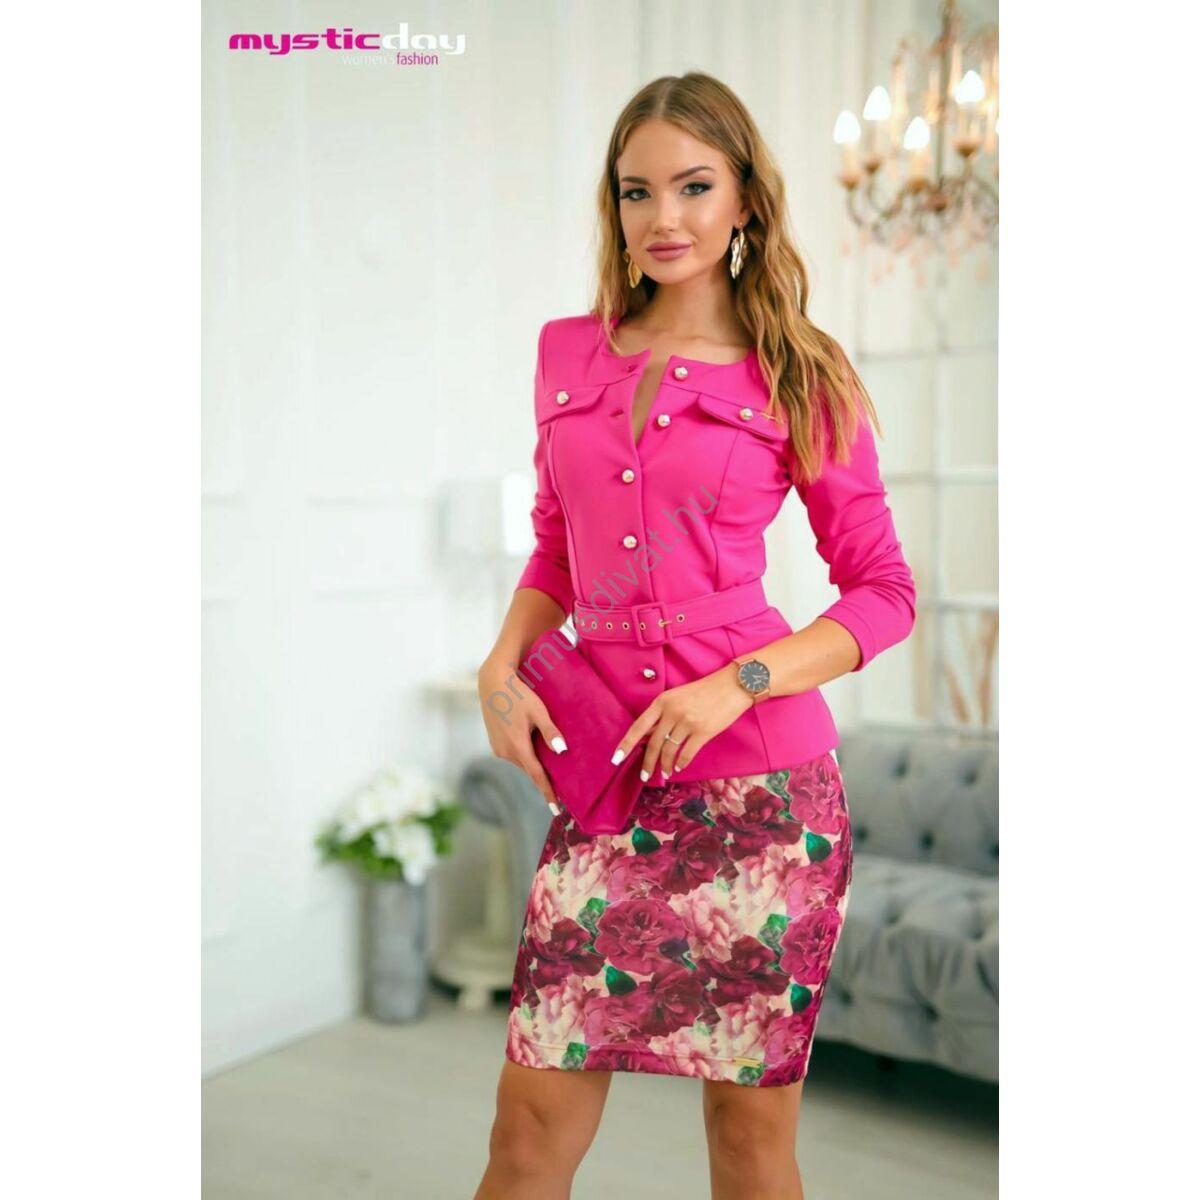 Mystic Day hosszú ujjú környakas pink Linett blézer, zakó, arany színű gombokkal, anyagából készült övvel